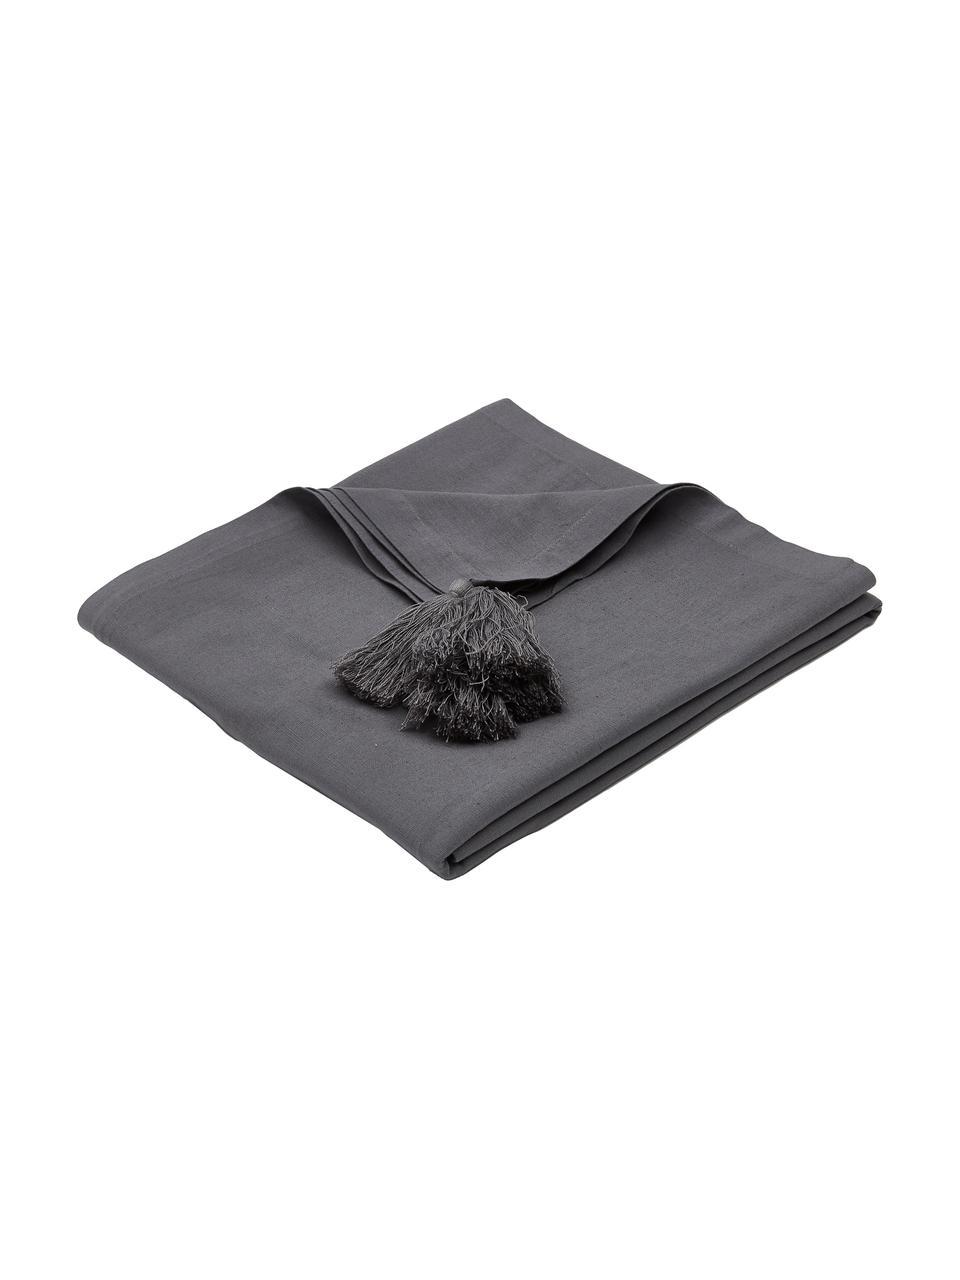 Tovaglia con nappe Benini, 85% cotone, 15% lino, Grigio scuro, Larg. 130 x Lung. 270 cm